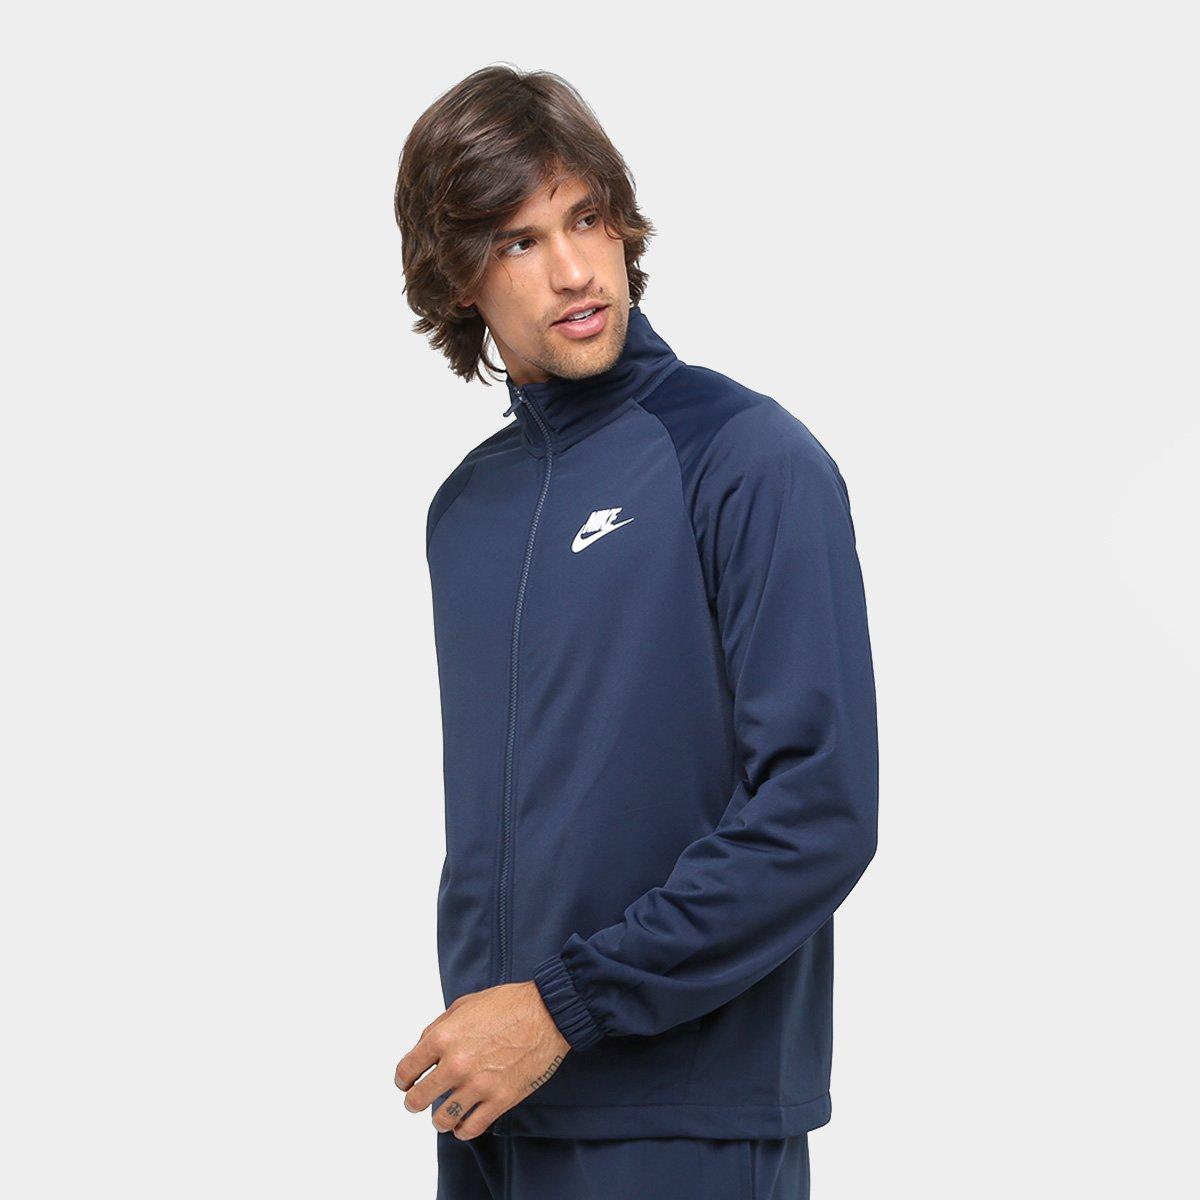 042af22ead Agasalho Nike Trk Suit Pk Basic Masculino - Marinho - Compre Agora ...